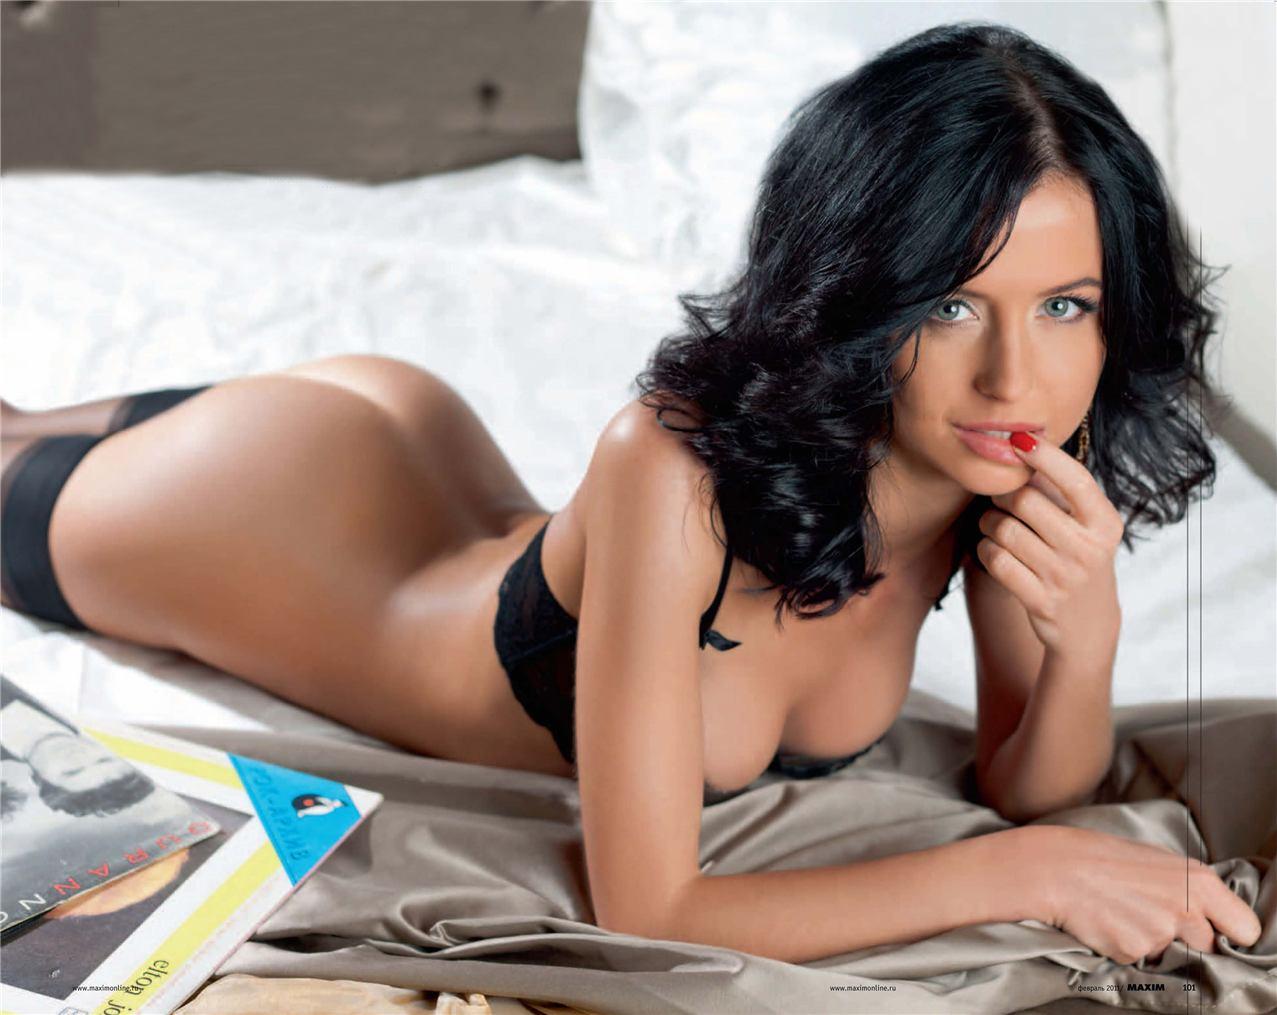 Самые известные российские порноакрисы 4 фотография